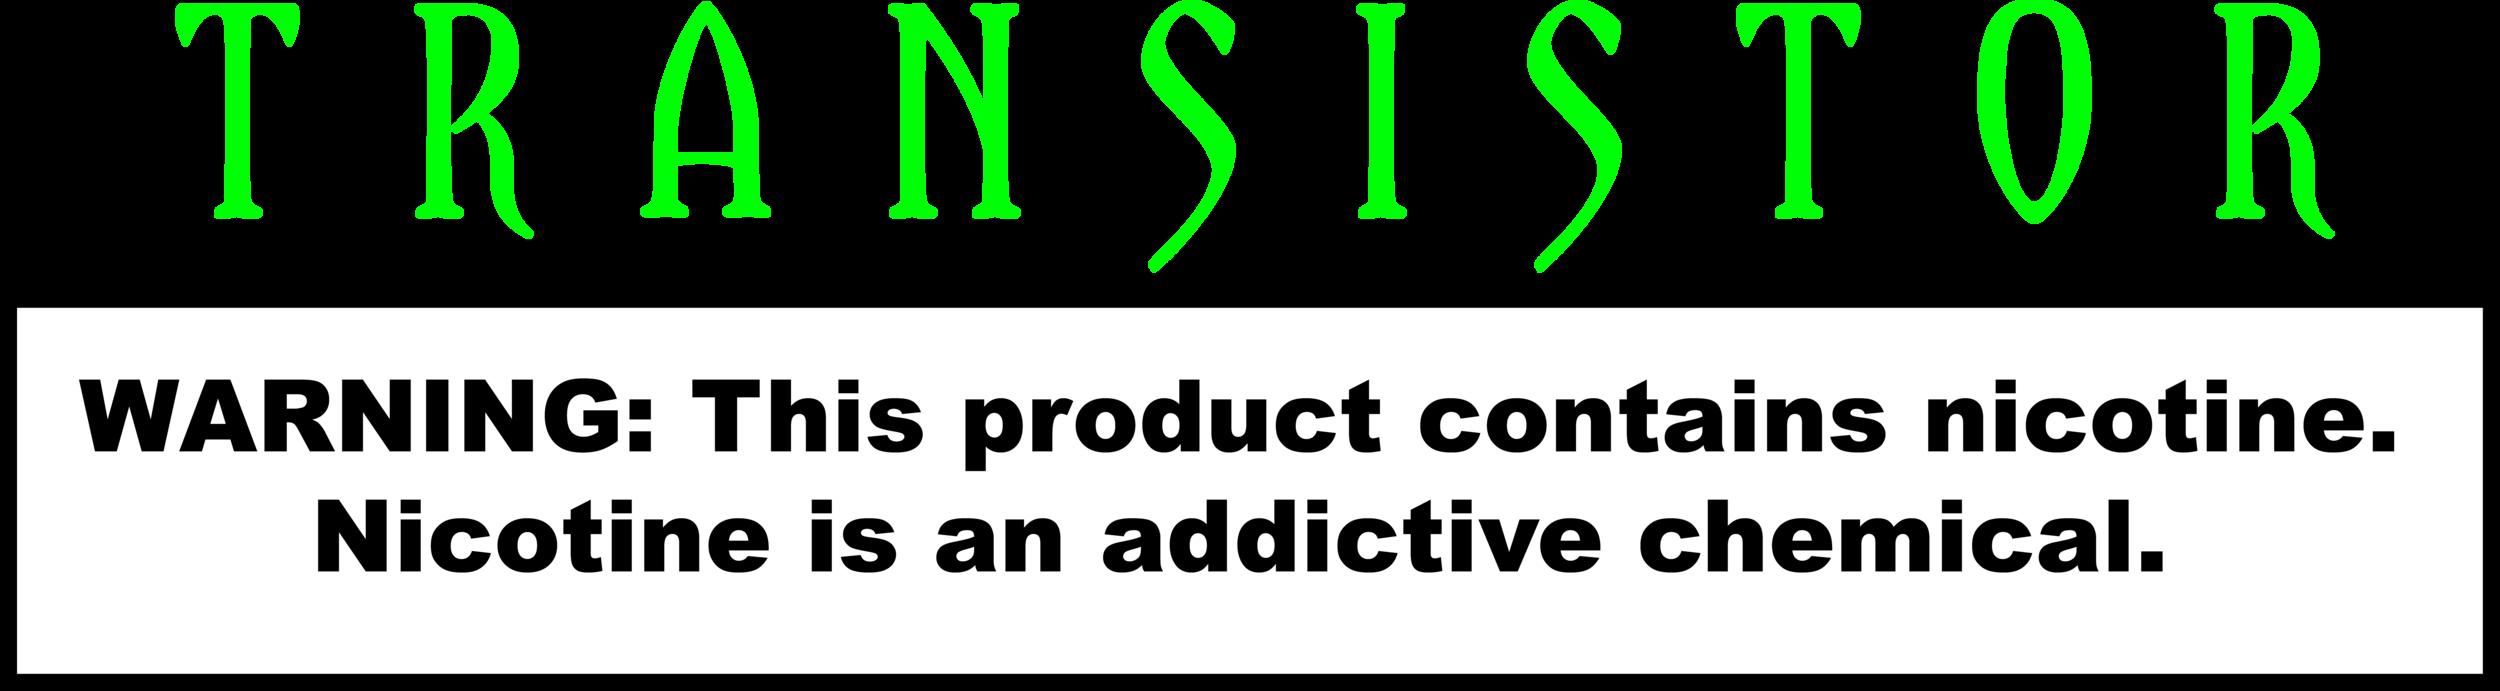 TRANSISTOR-Nicotine-Warning.png